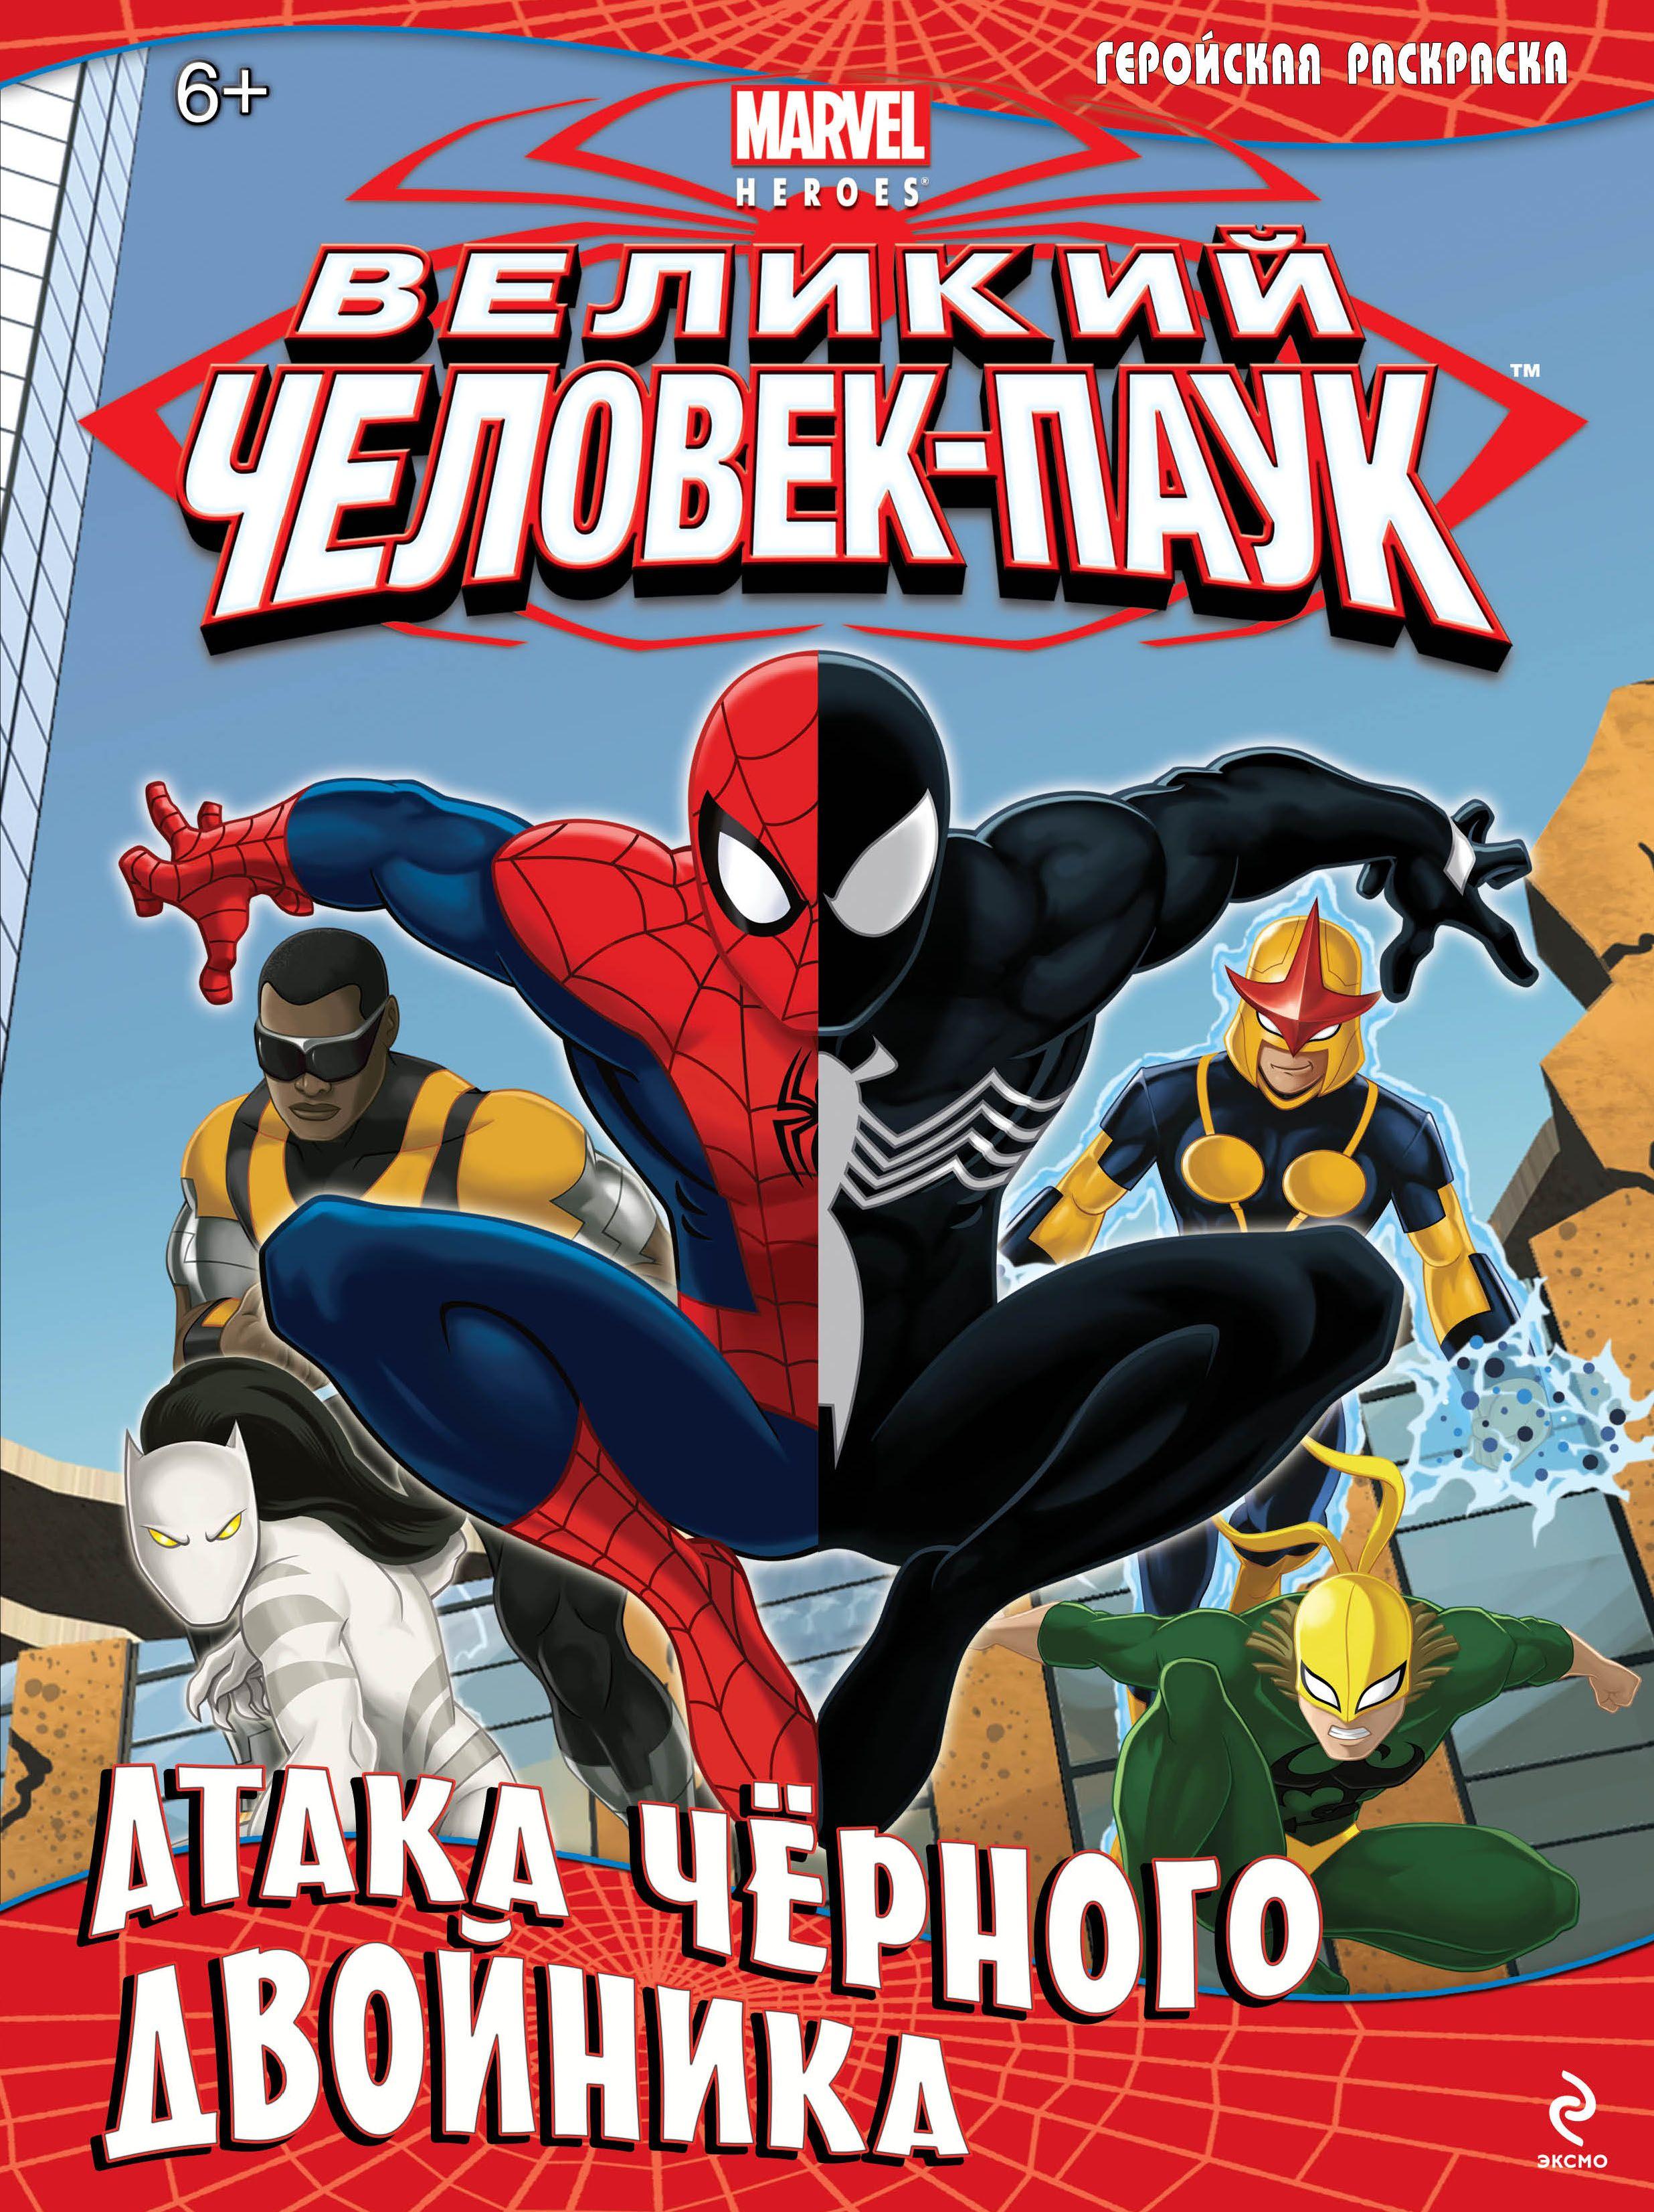 Отличная новость для всех любителей серии «Marvel»!   Теперь Человек-Паук — участник супергеройской команды «Мстители»!